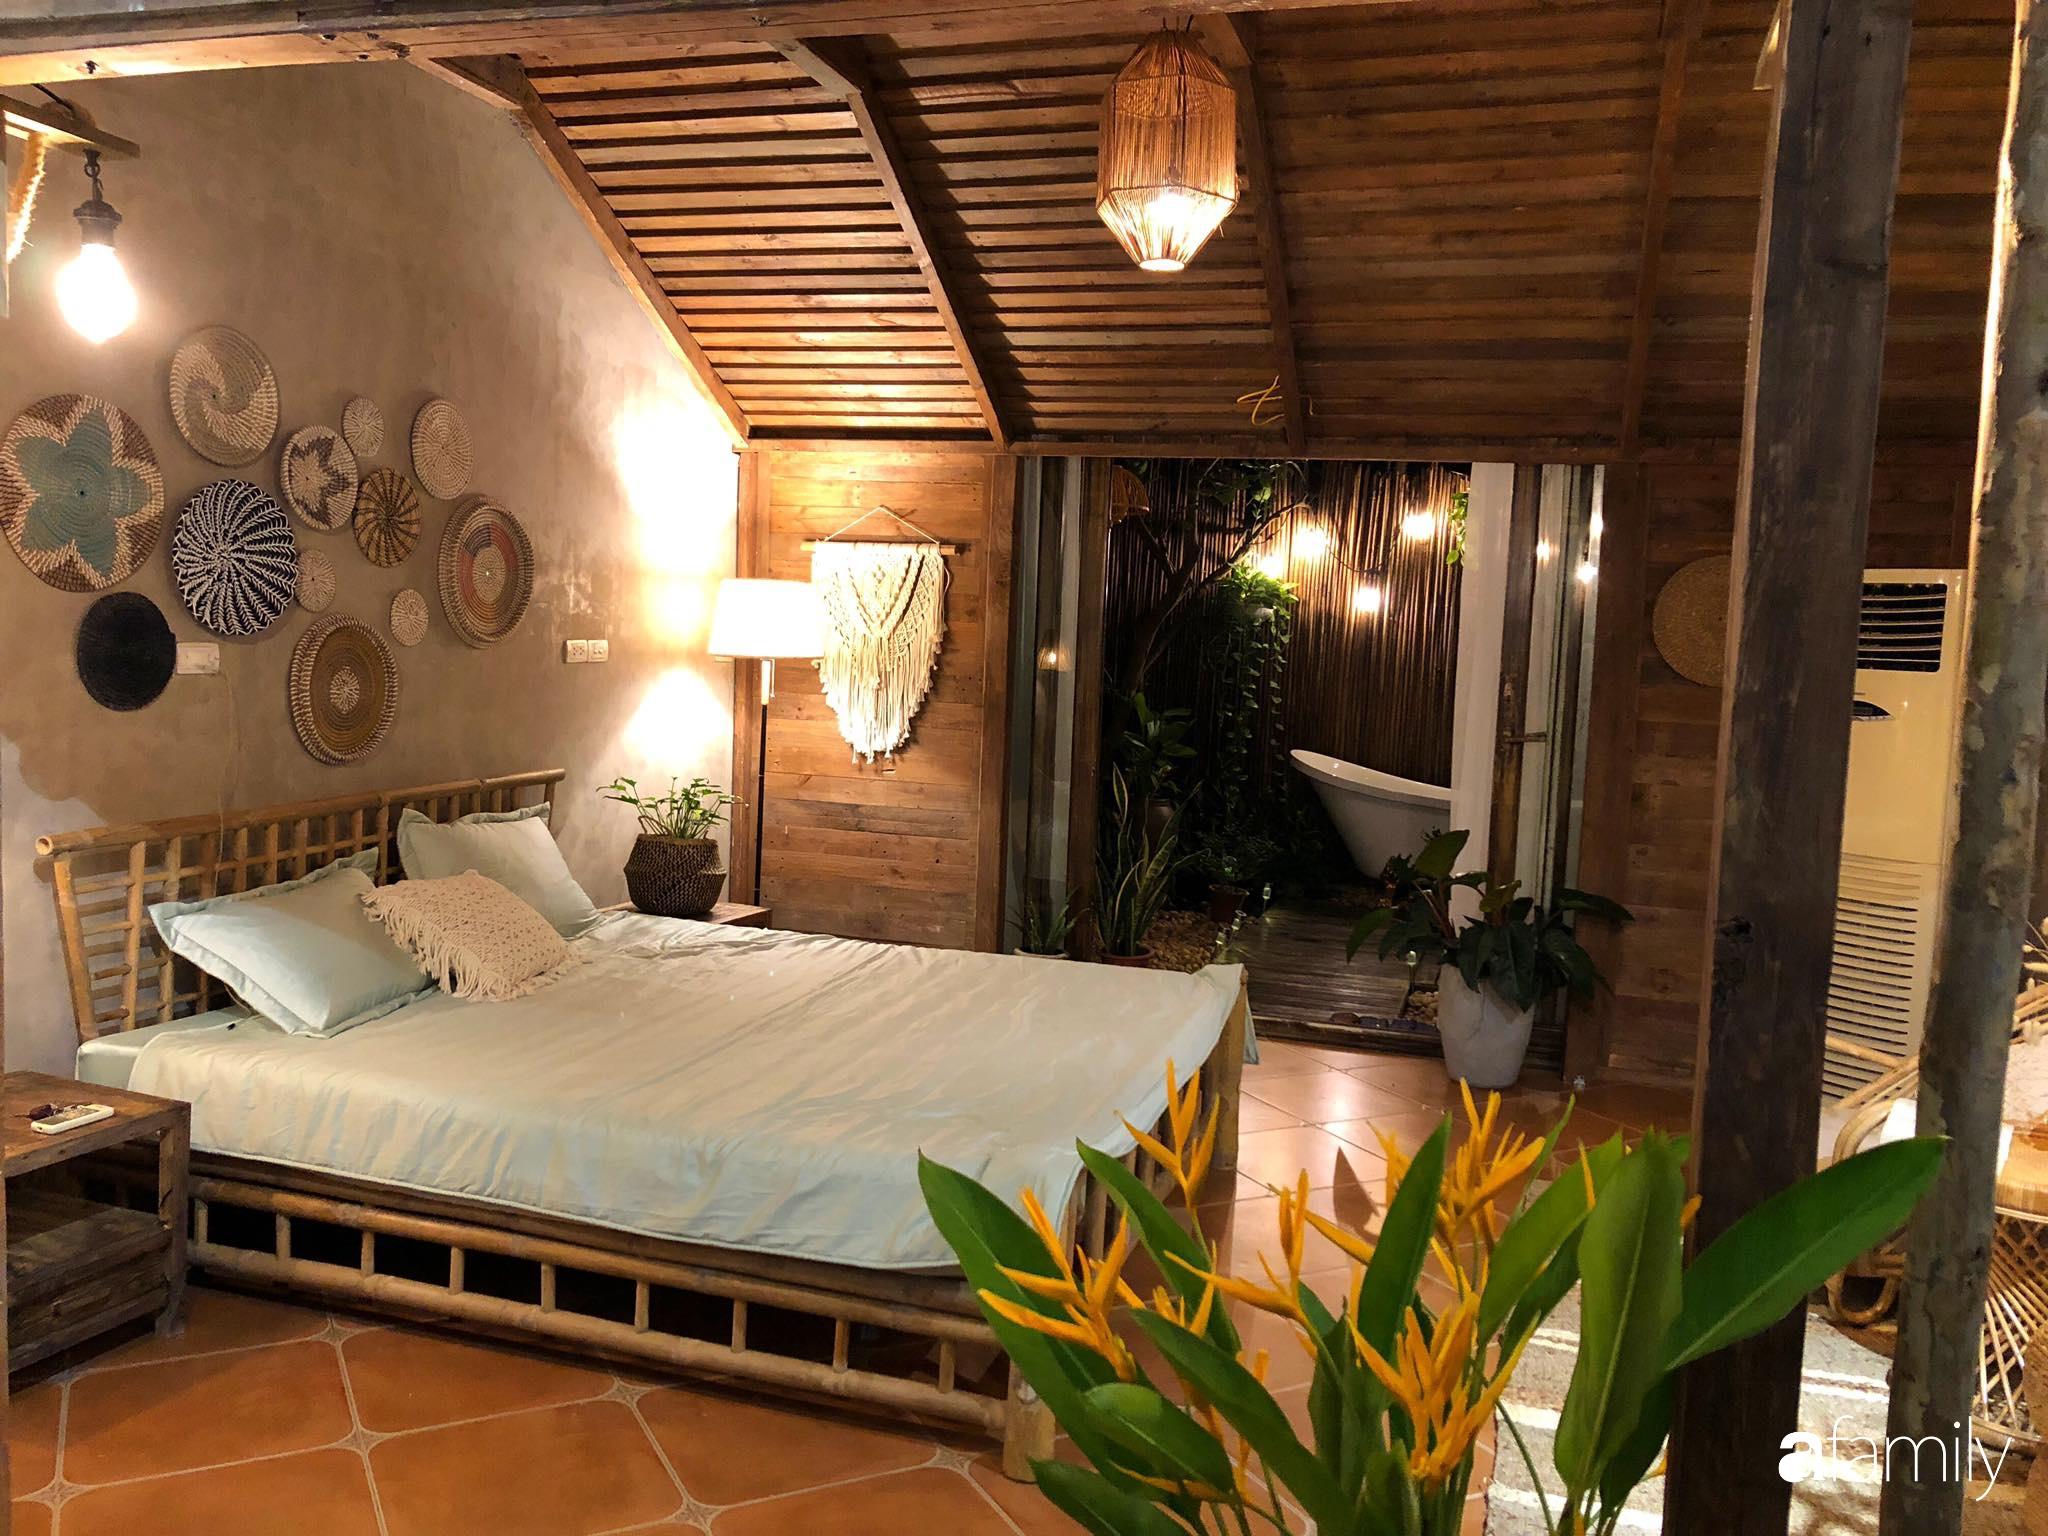 Chỉ hai tuần cải tạo với chi phí 133 triệu đồng, căn nhà cũ biến thành không gian đẹp như resort cao cấp giữa lòng Hà Nội - Ảnh 6.